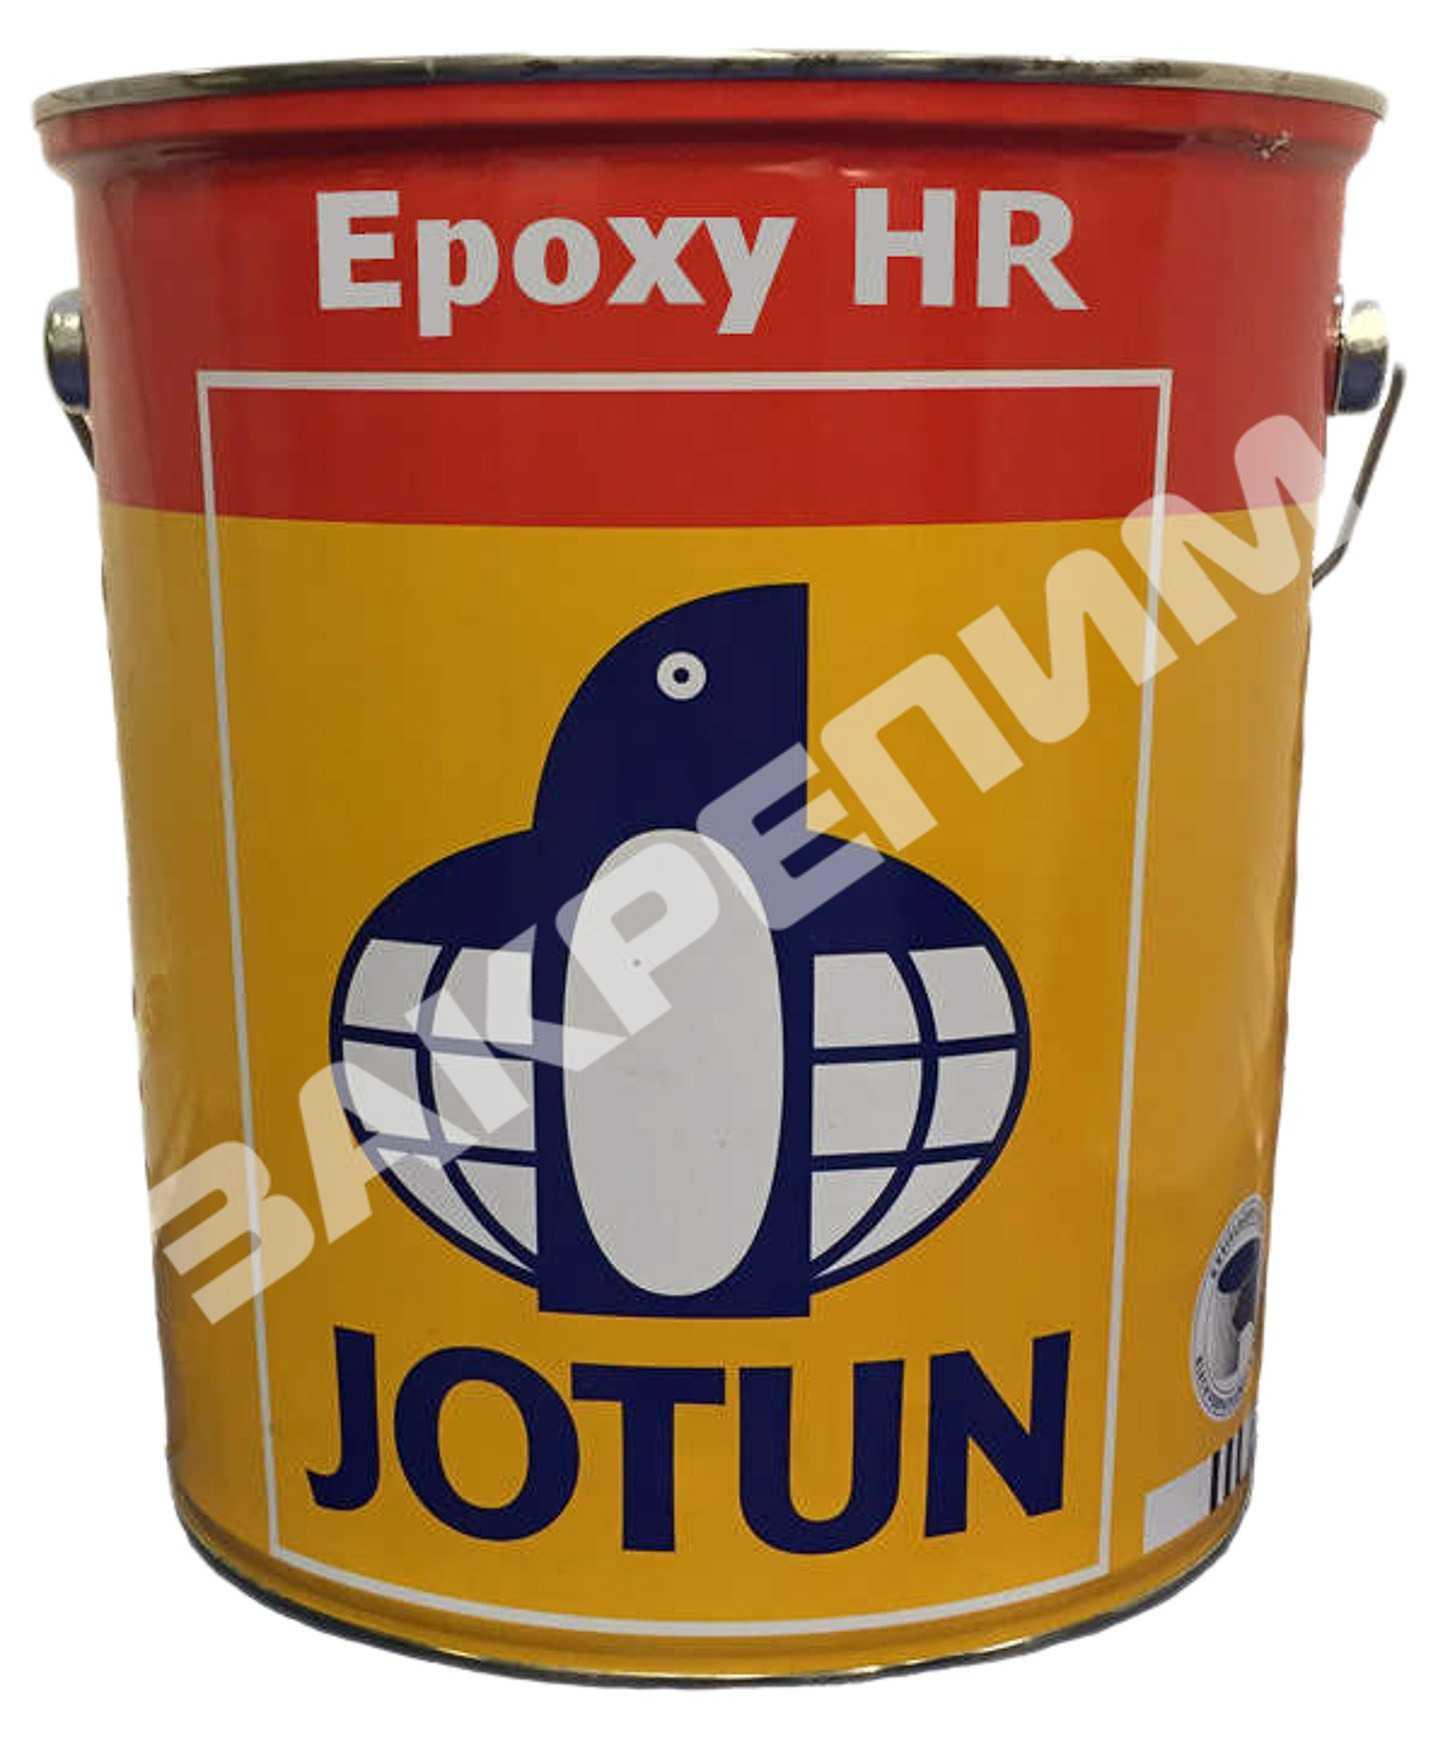 Epoxy_HR